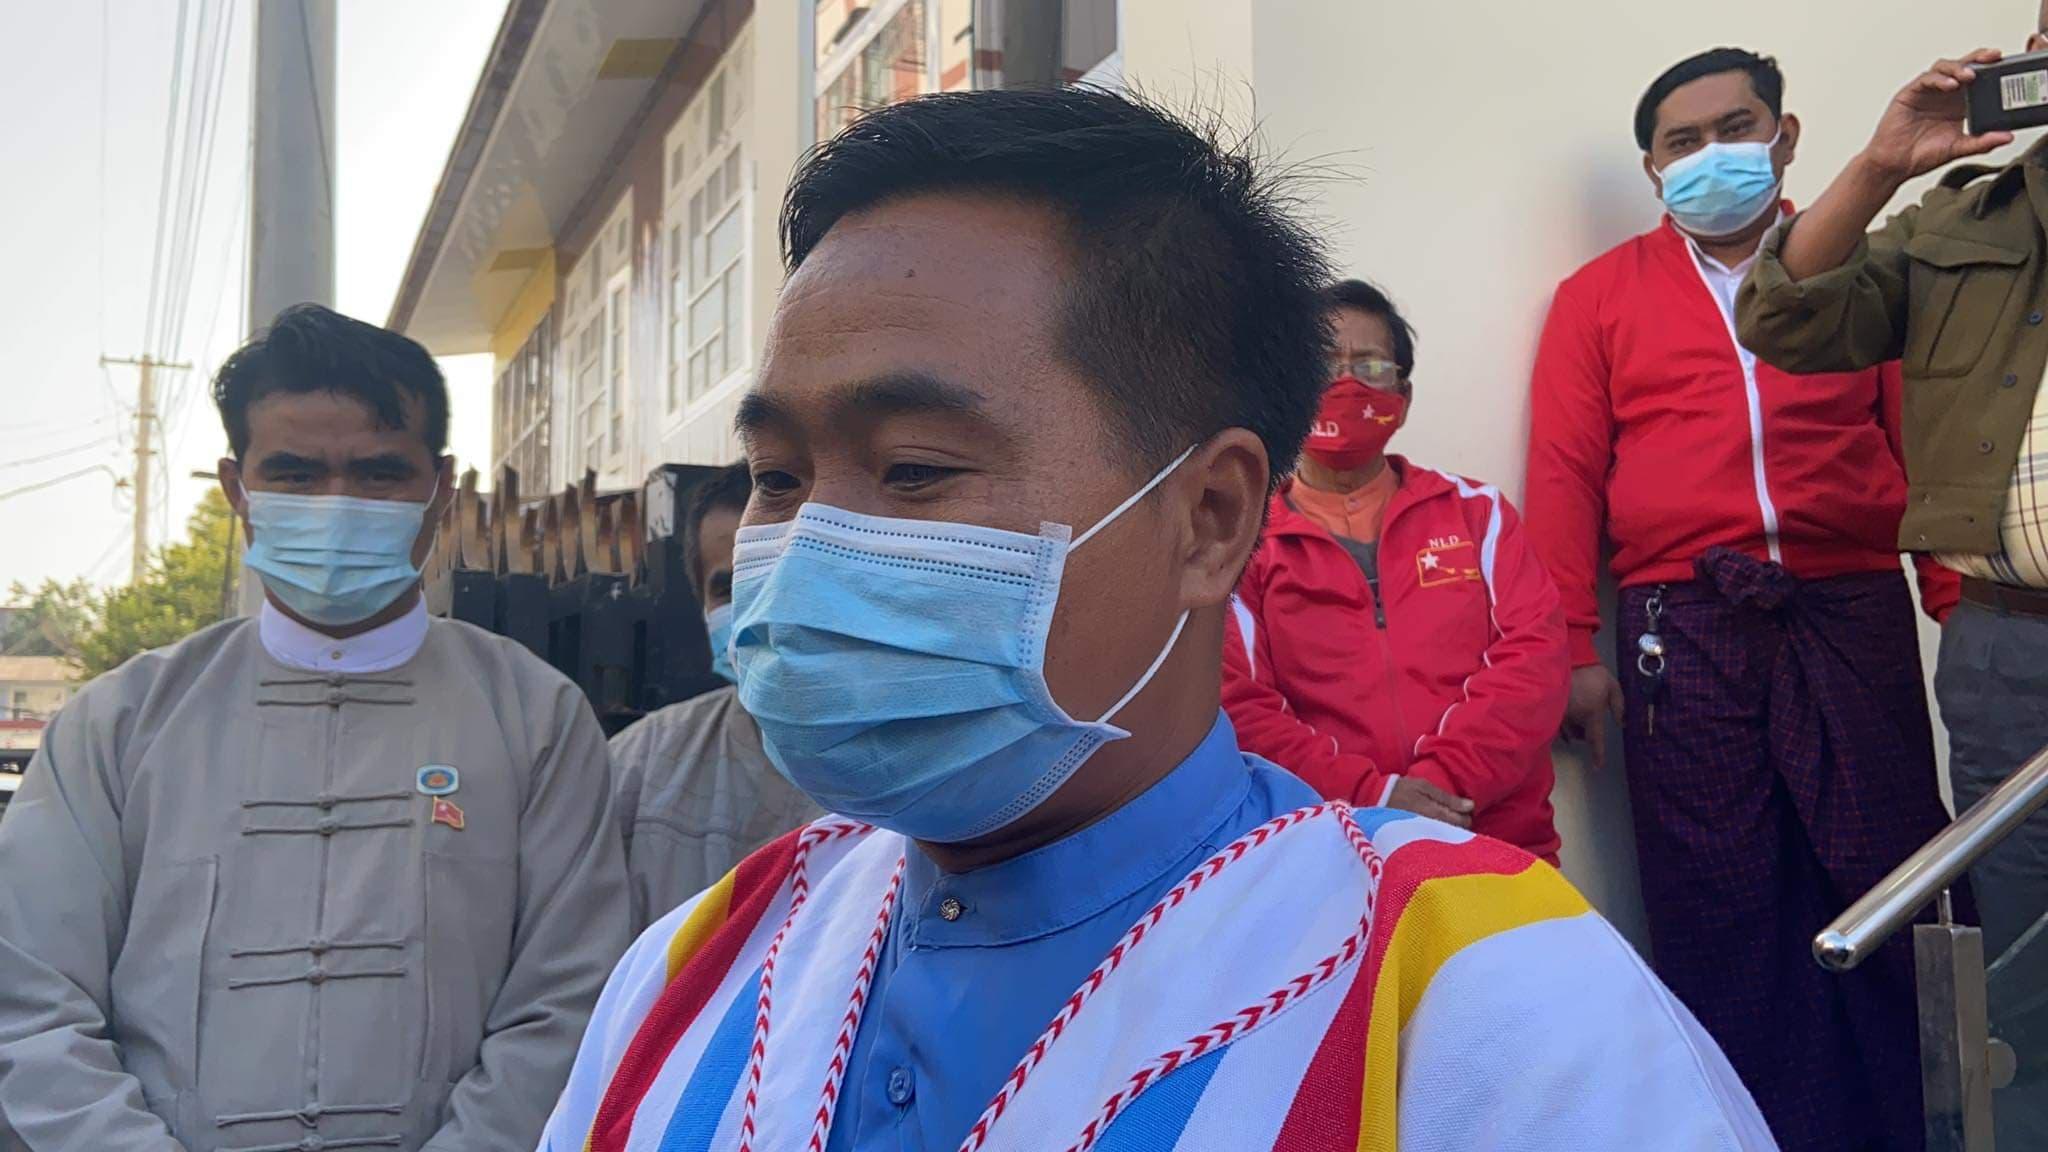 ကယန်းအမျိုးသားပါတီက တိုင်းရင်းသားတွေရဲ့ လွဲမှားနေတဲ့ မှတ်ပုံတင်ကိစ္စတွေကို NLD နဲ့ တွေ့ဆုံပွဲမှာတင်ပြ